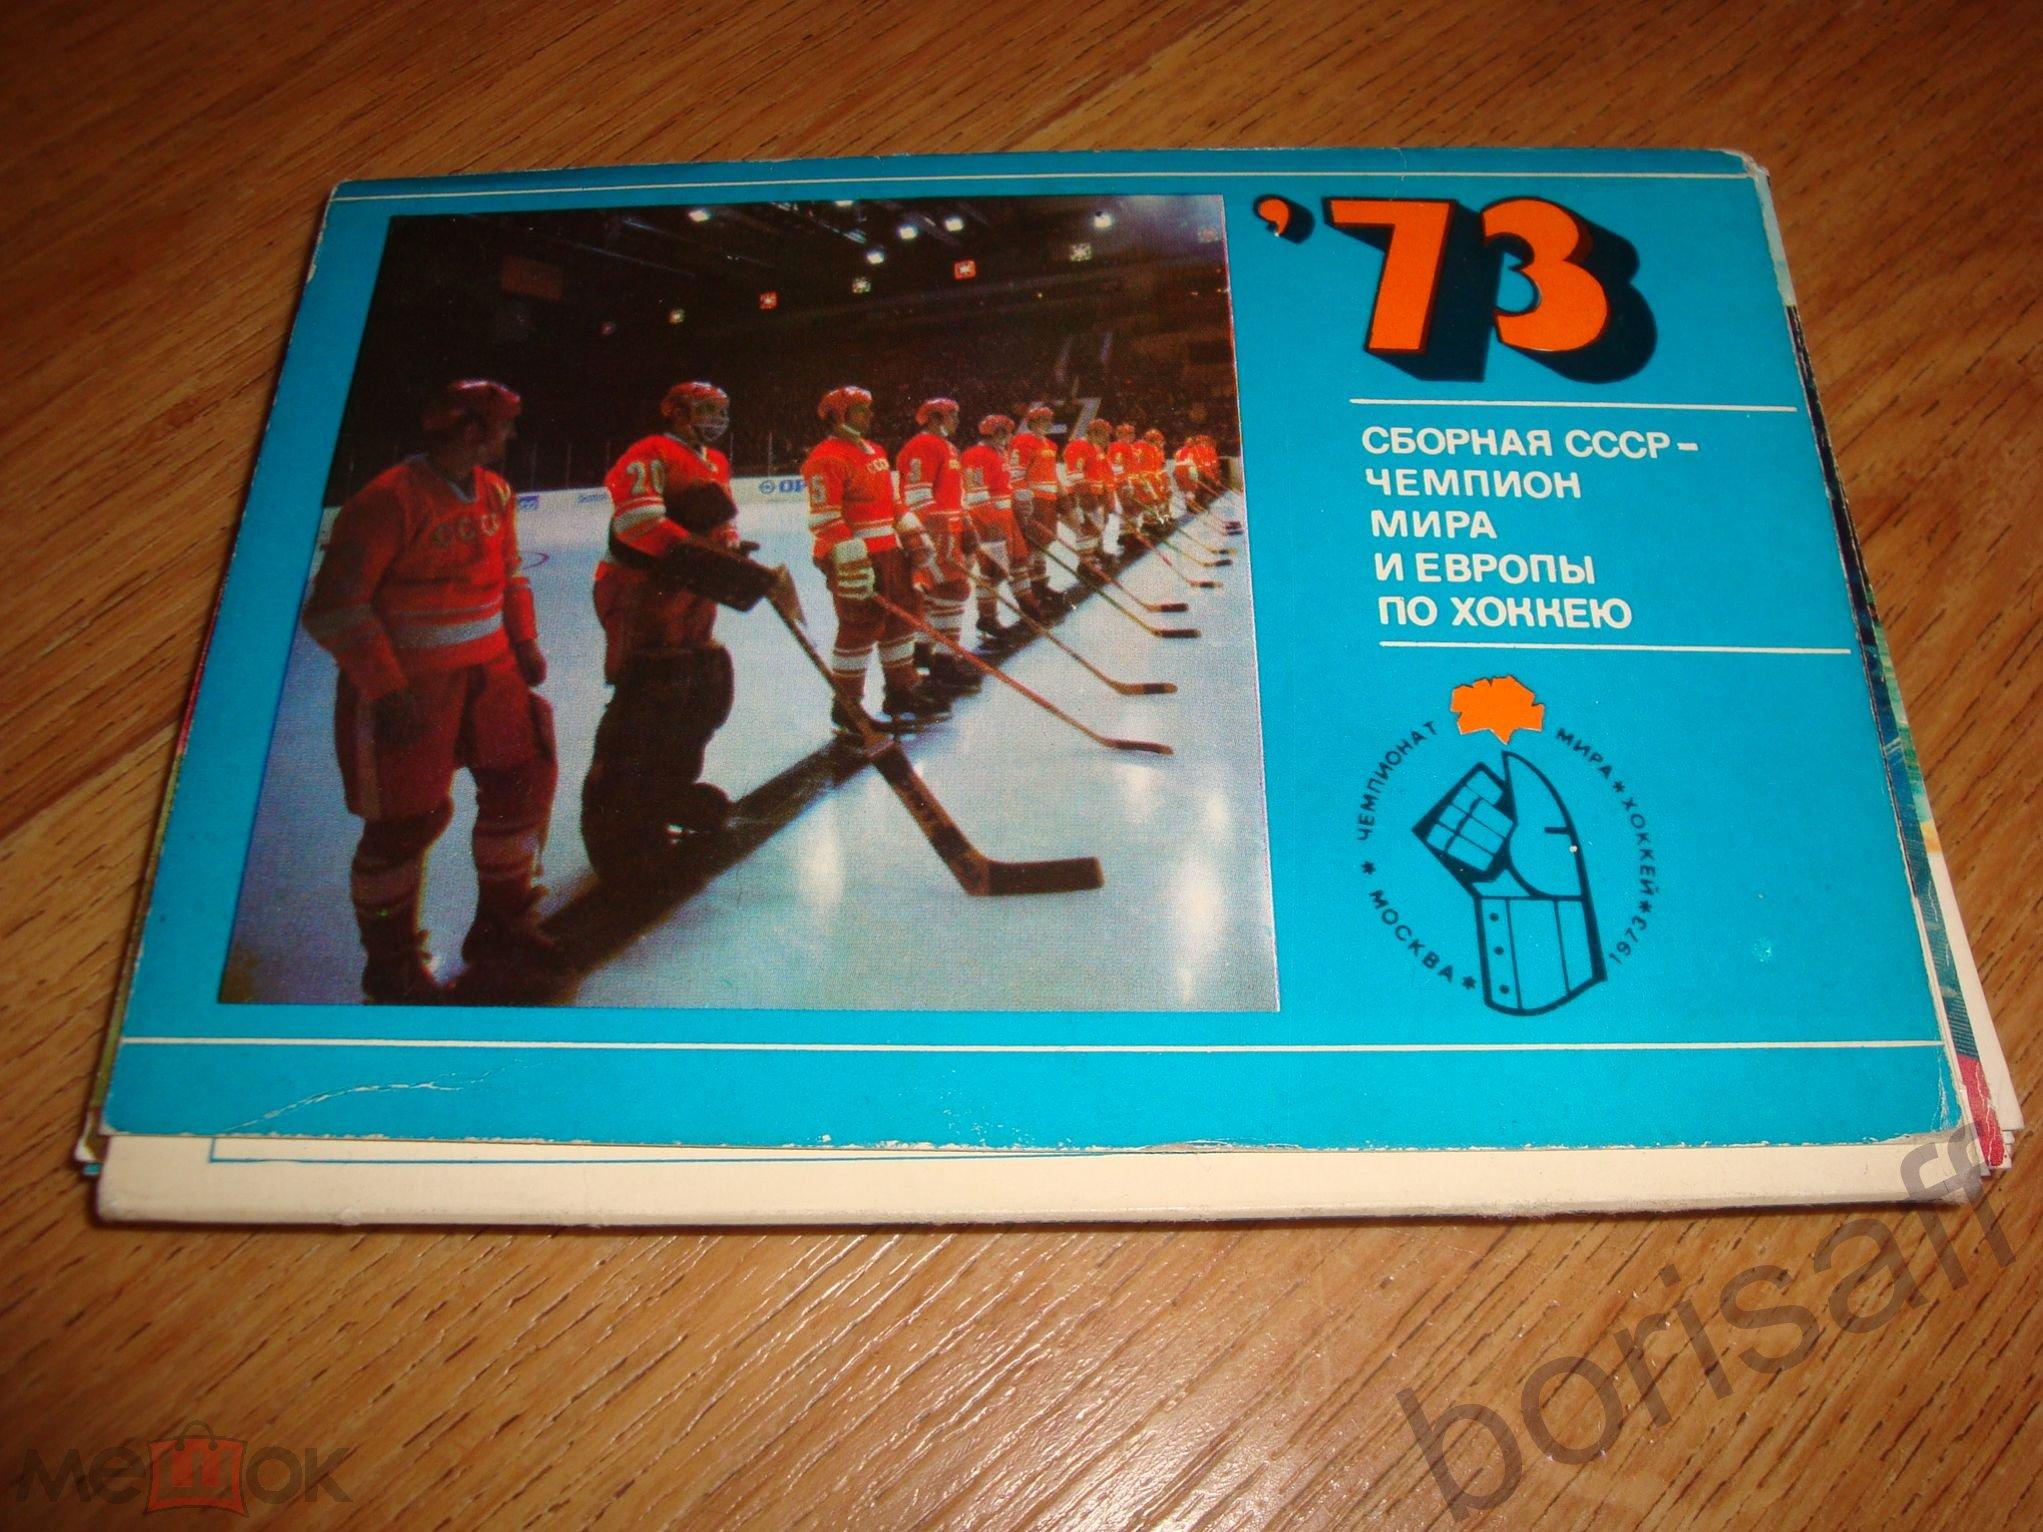 Сборная ссср 1973 открытки цена